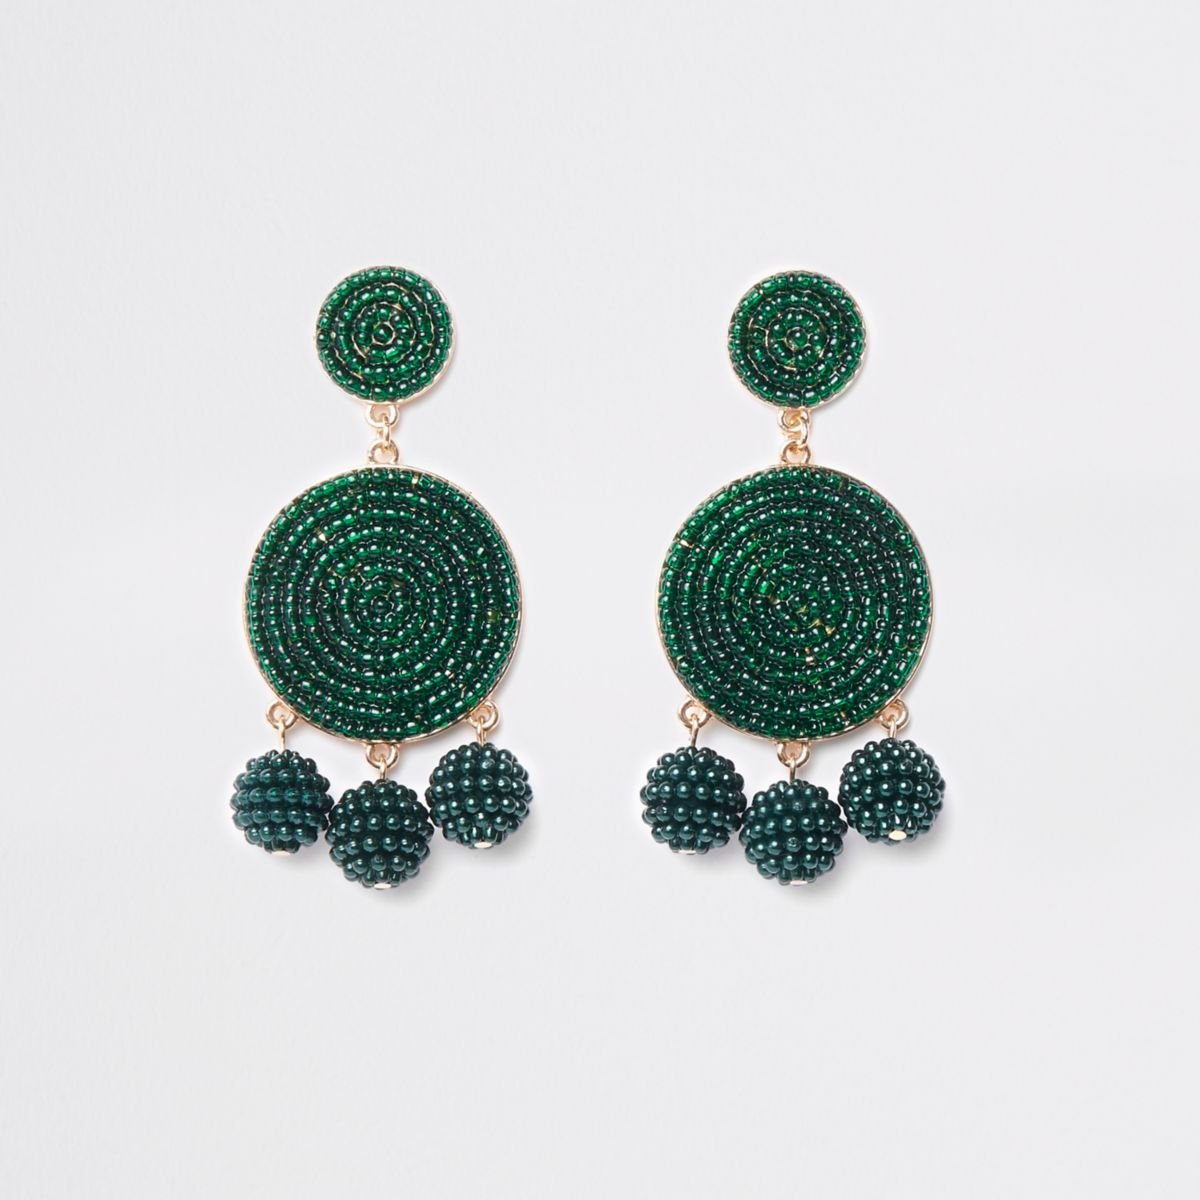 Dark green seedbead triple ball drop earrings